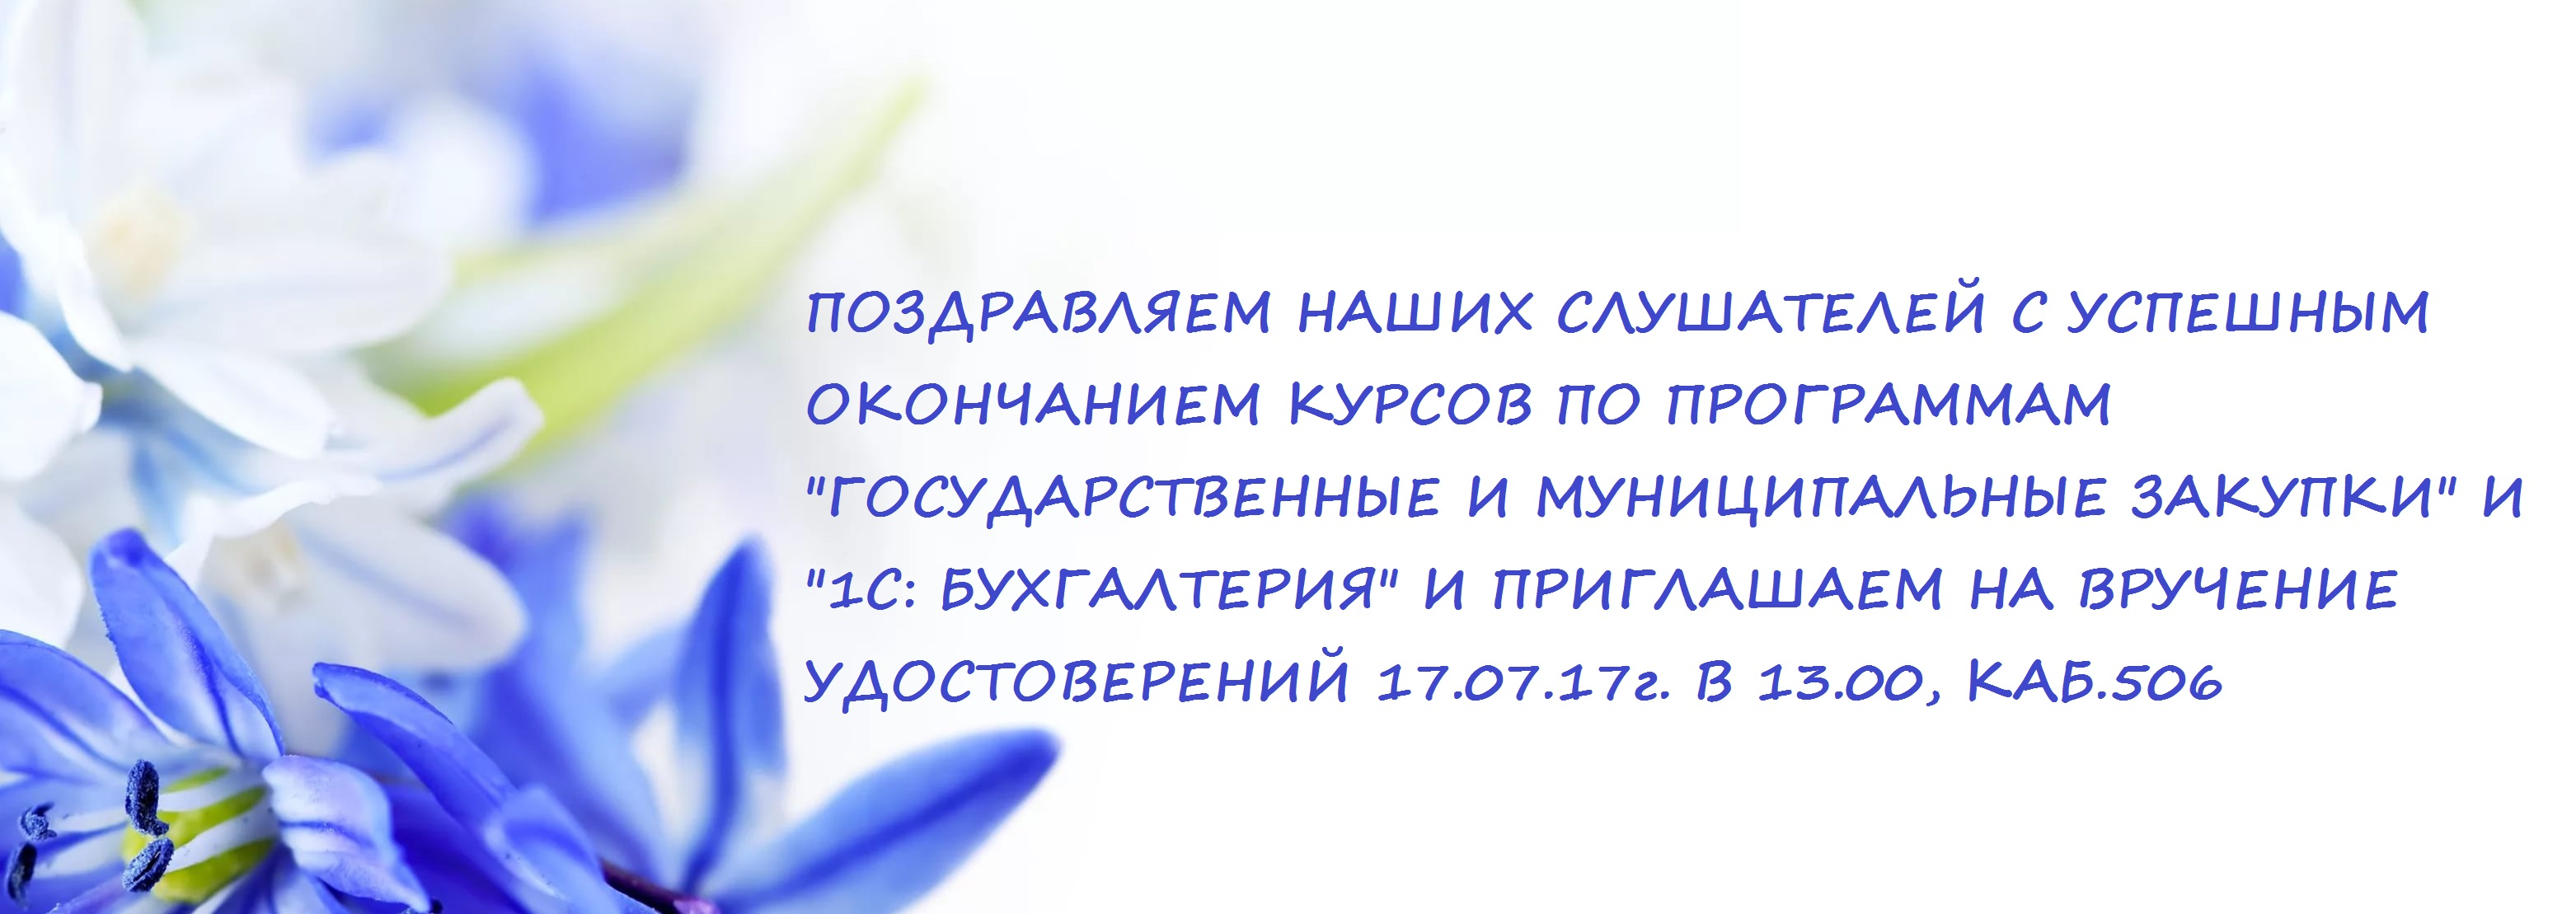 Поздравления с 1 сентября студентам - Поздравок